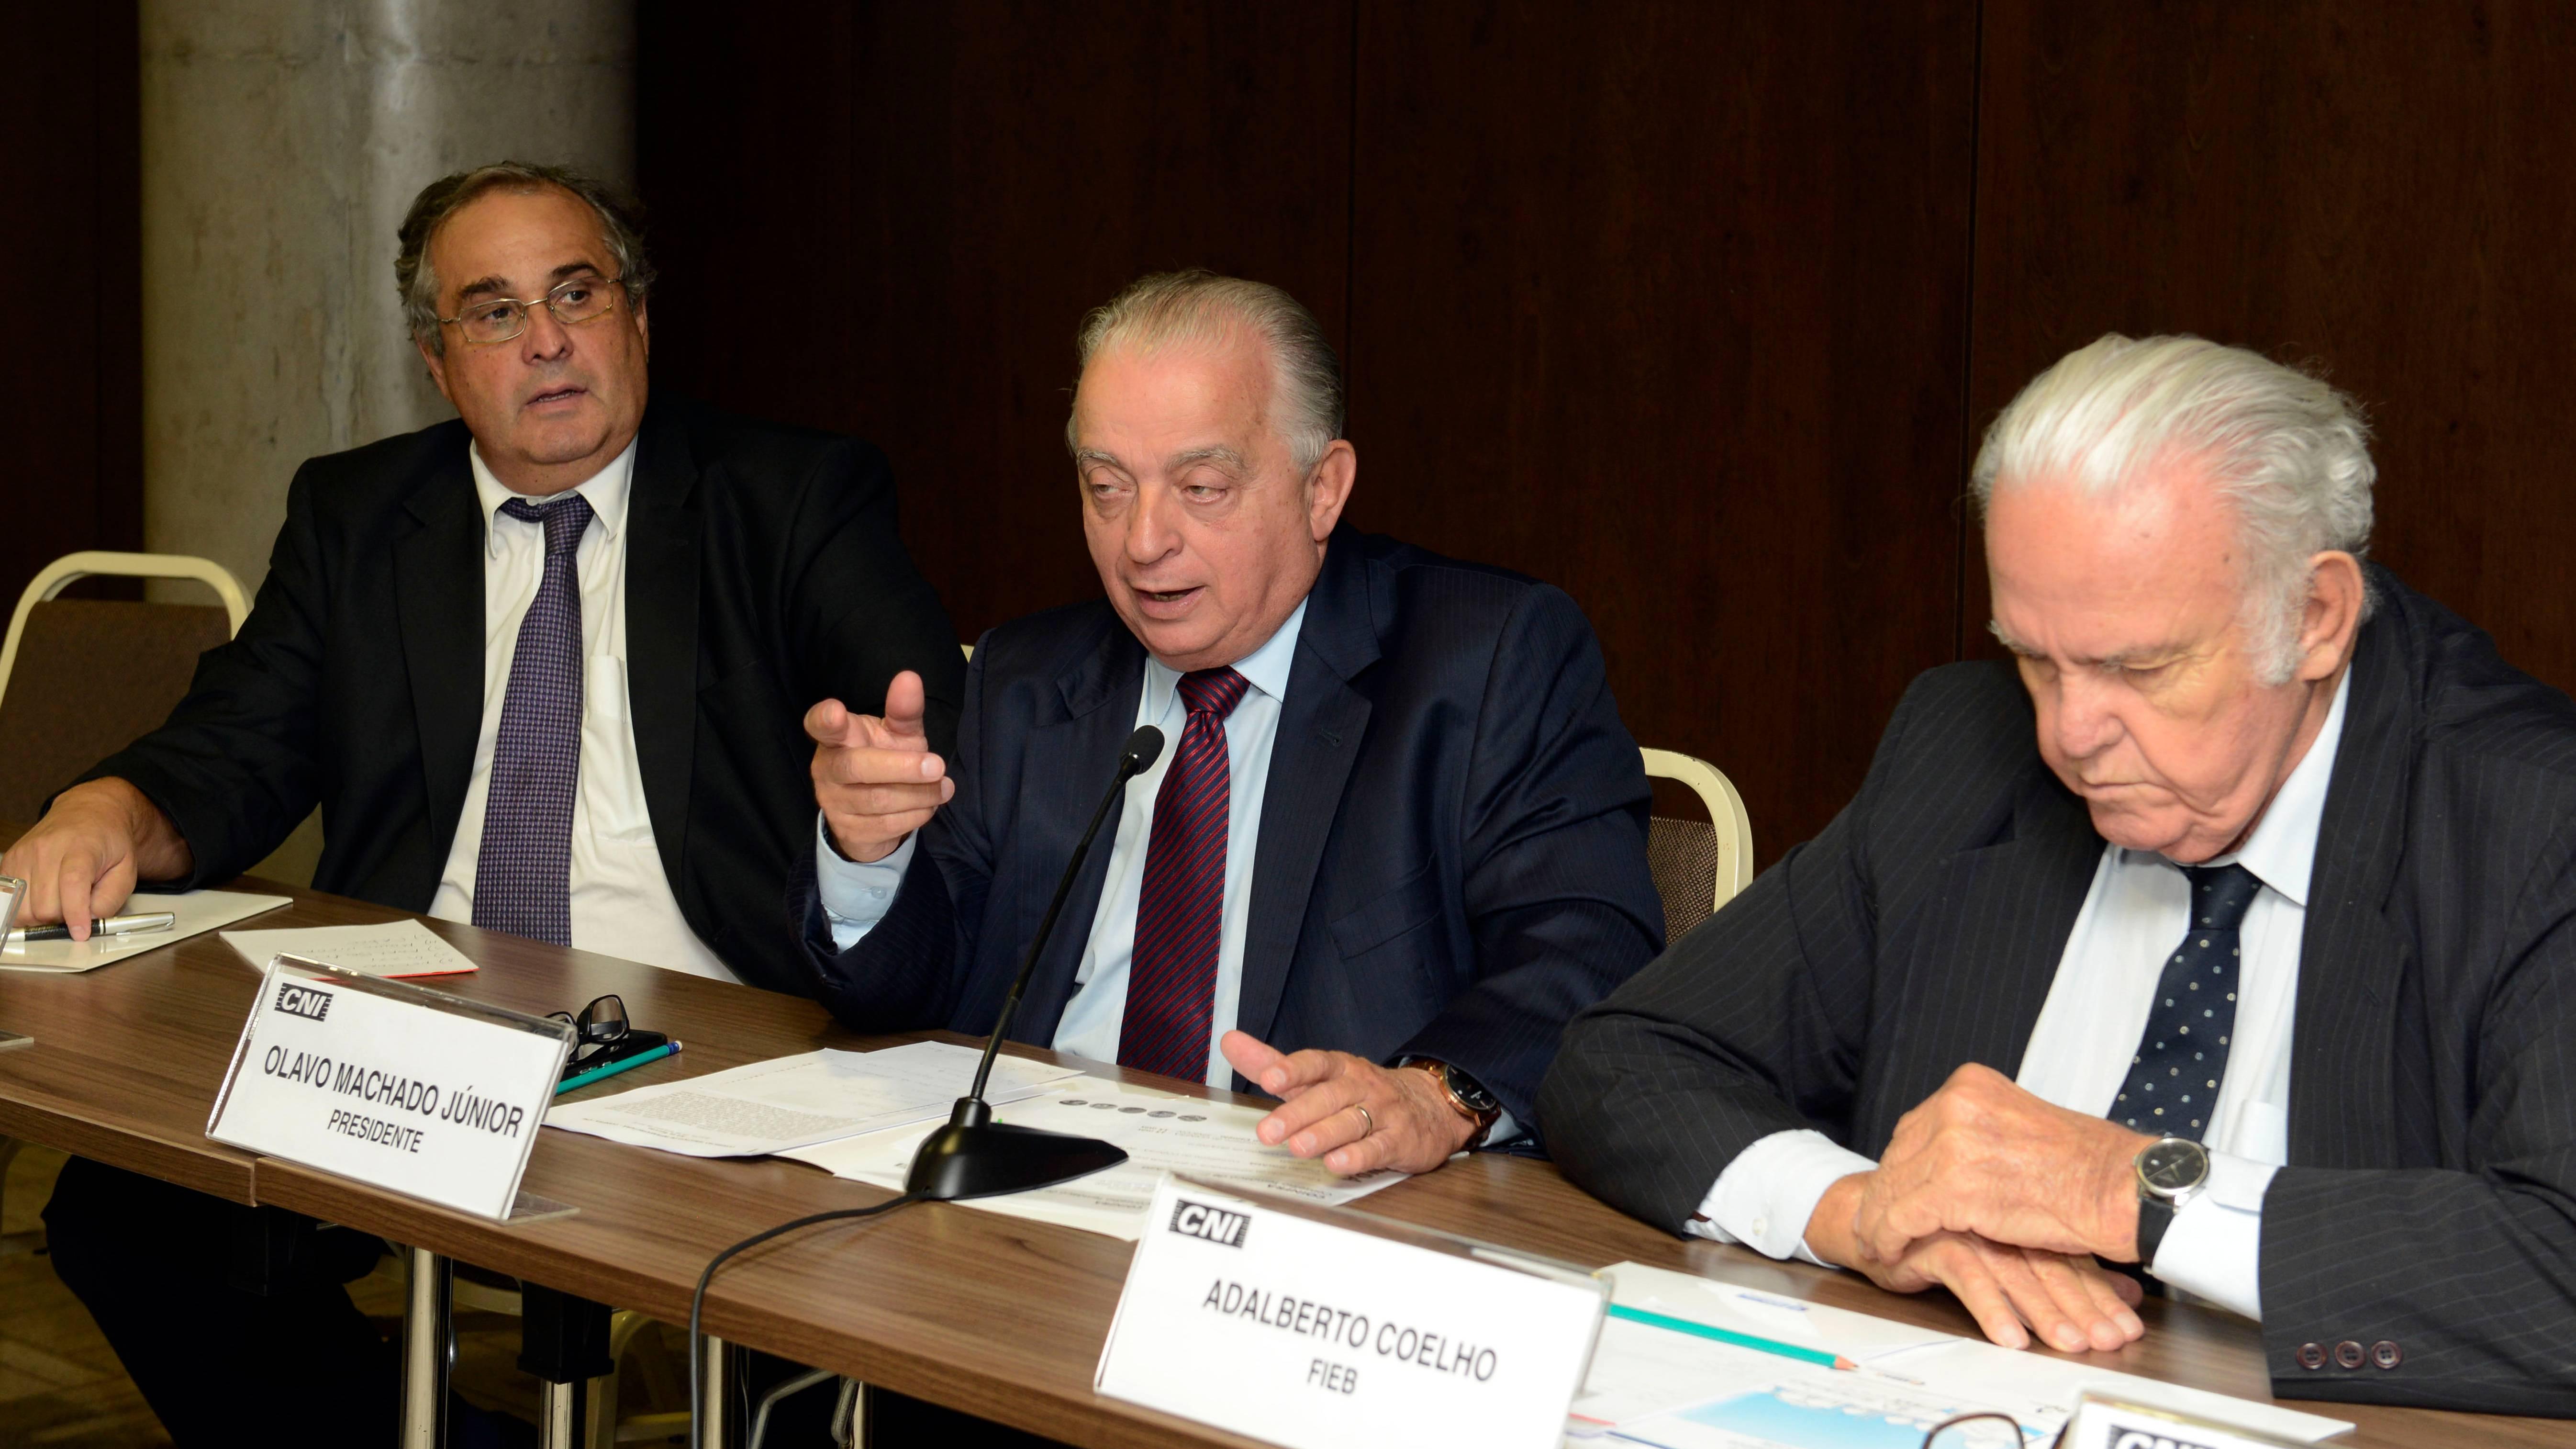 Conselho de Infraestrutura da CNI propõe mais investimentos e definição de prioridades no setor